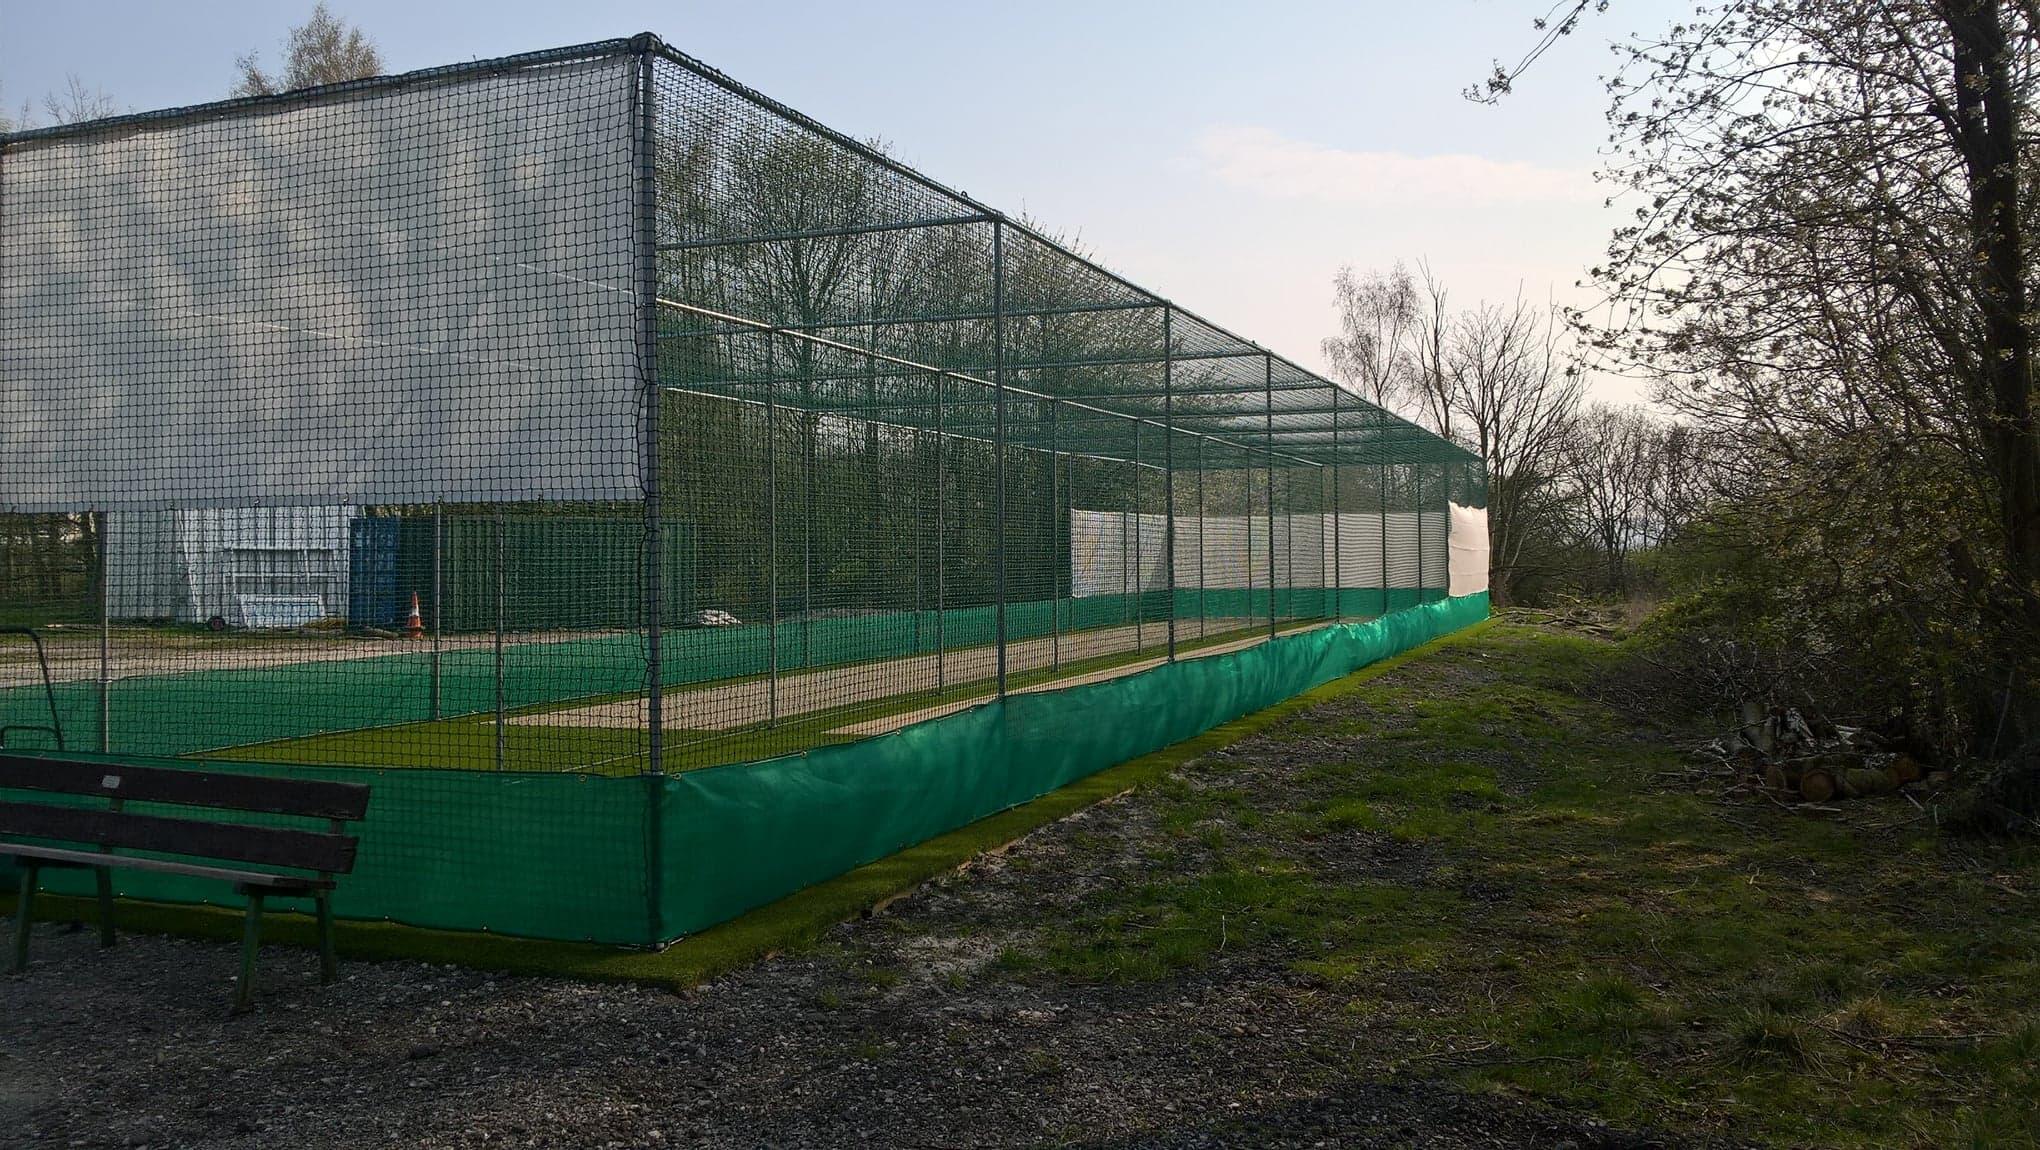 New Practice nets